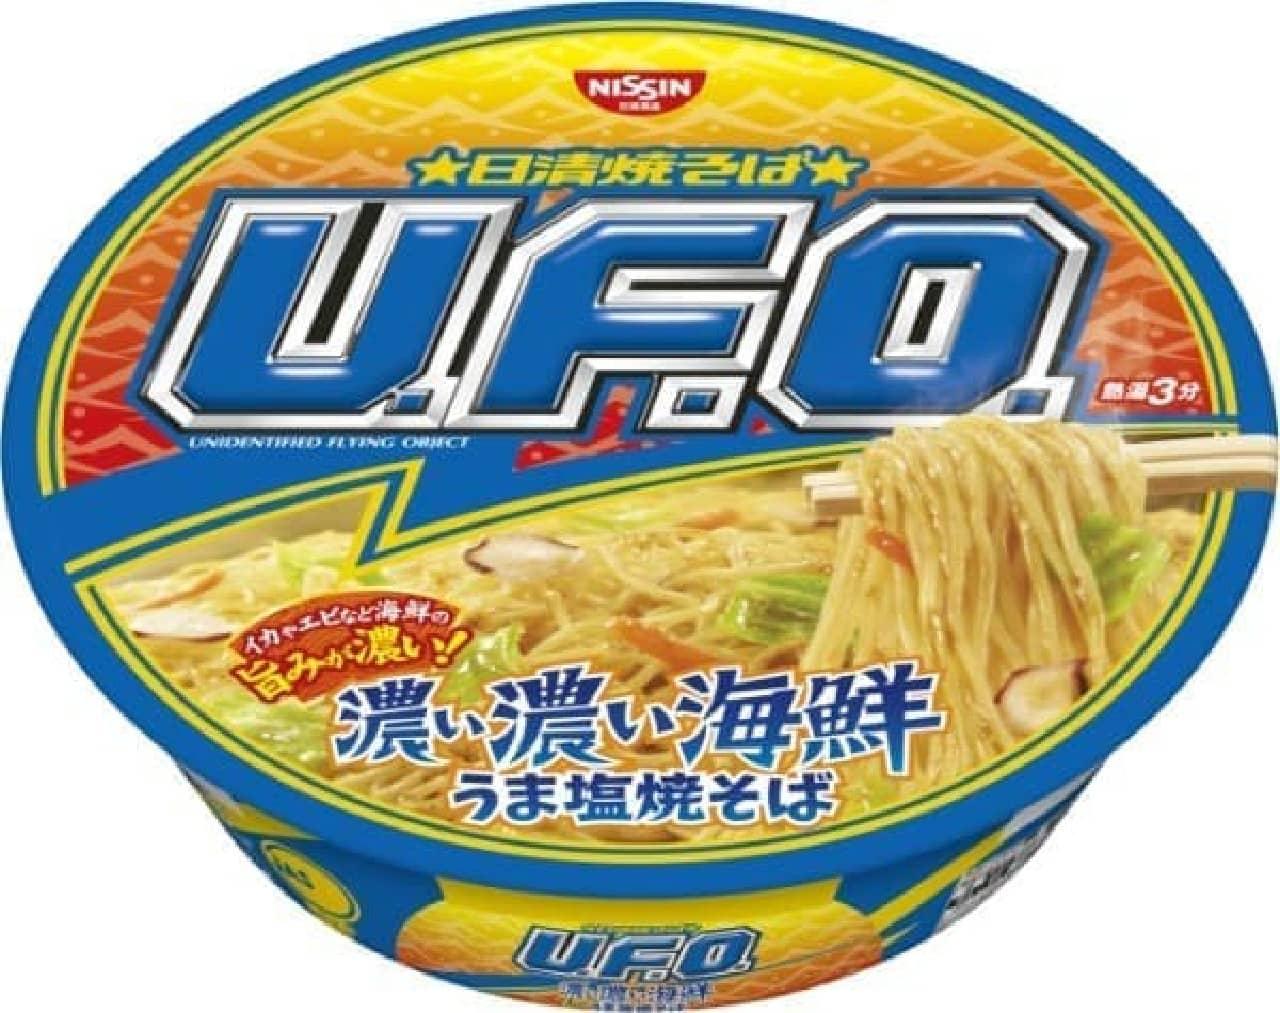 日清食品のカップ焼そば『日清焼そばU.F.O.(ユーフォー)』から、「濃い濃い海鮮うま塩焼そば」